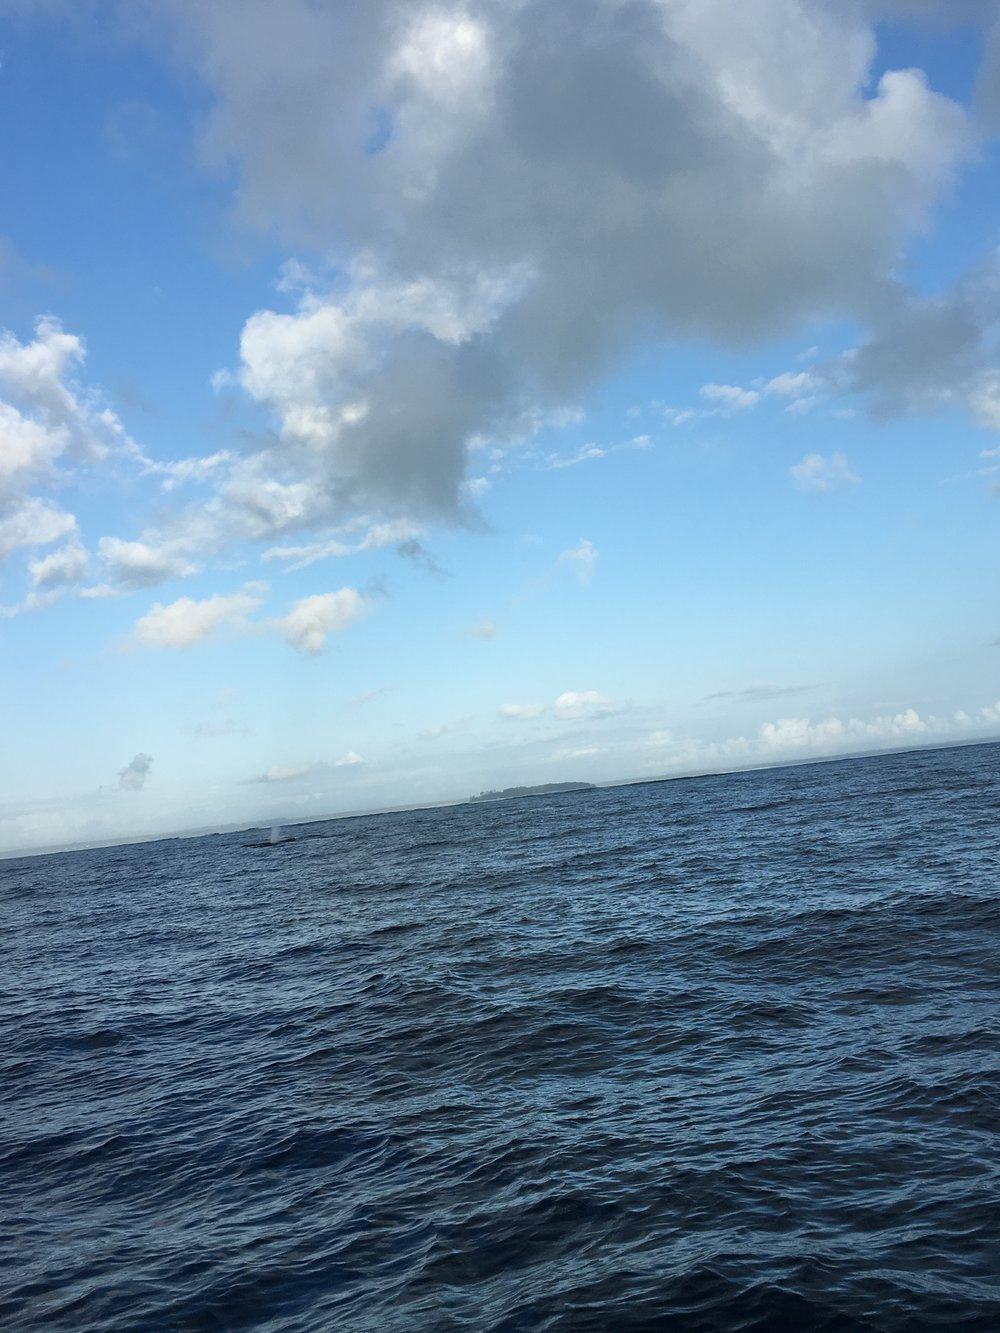 Pod of Humpbacks